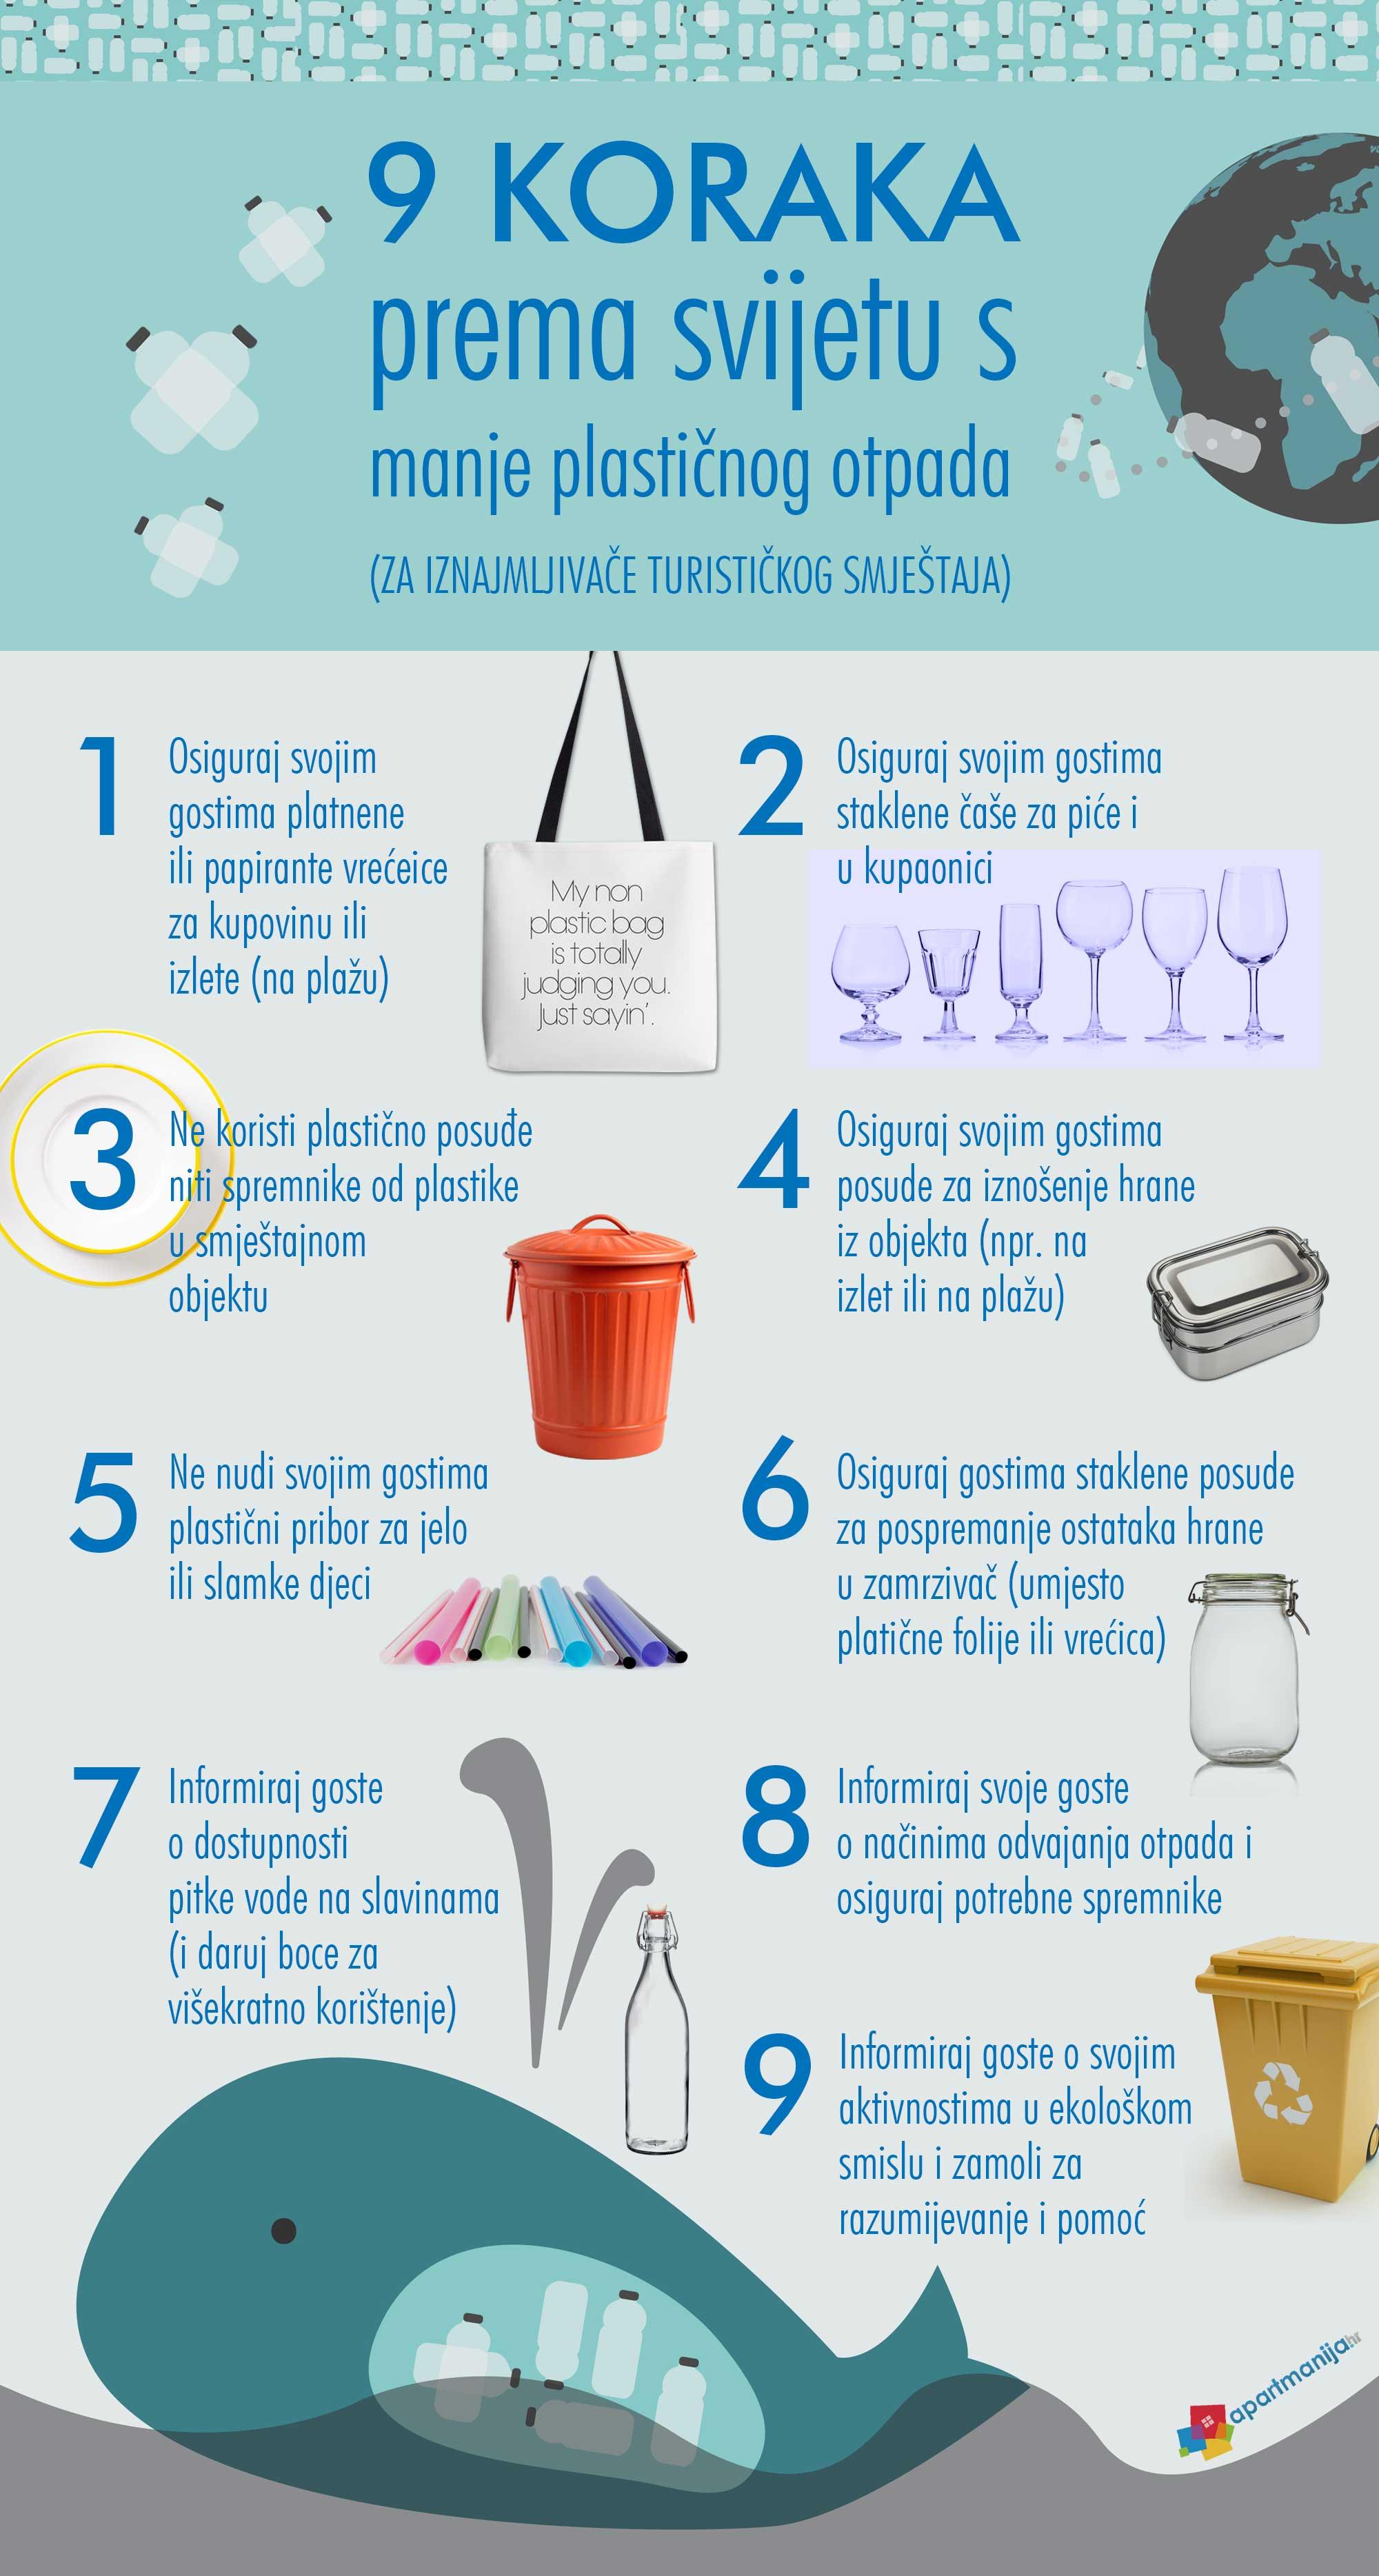 9 koraka prema svijetu s manje plastičnog otpada